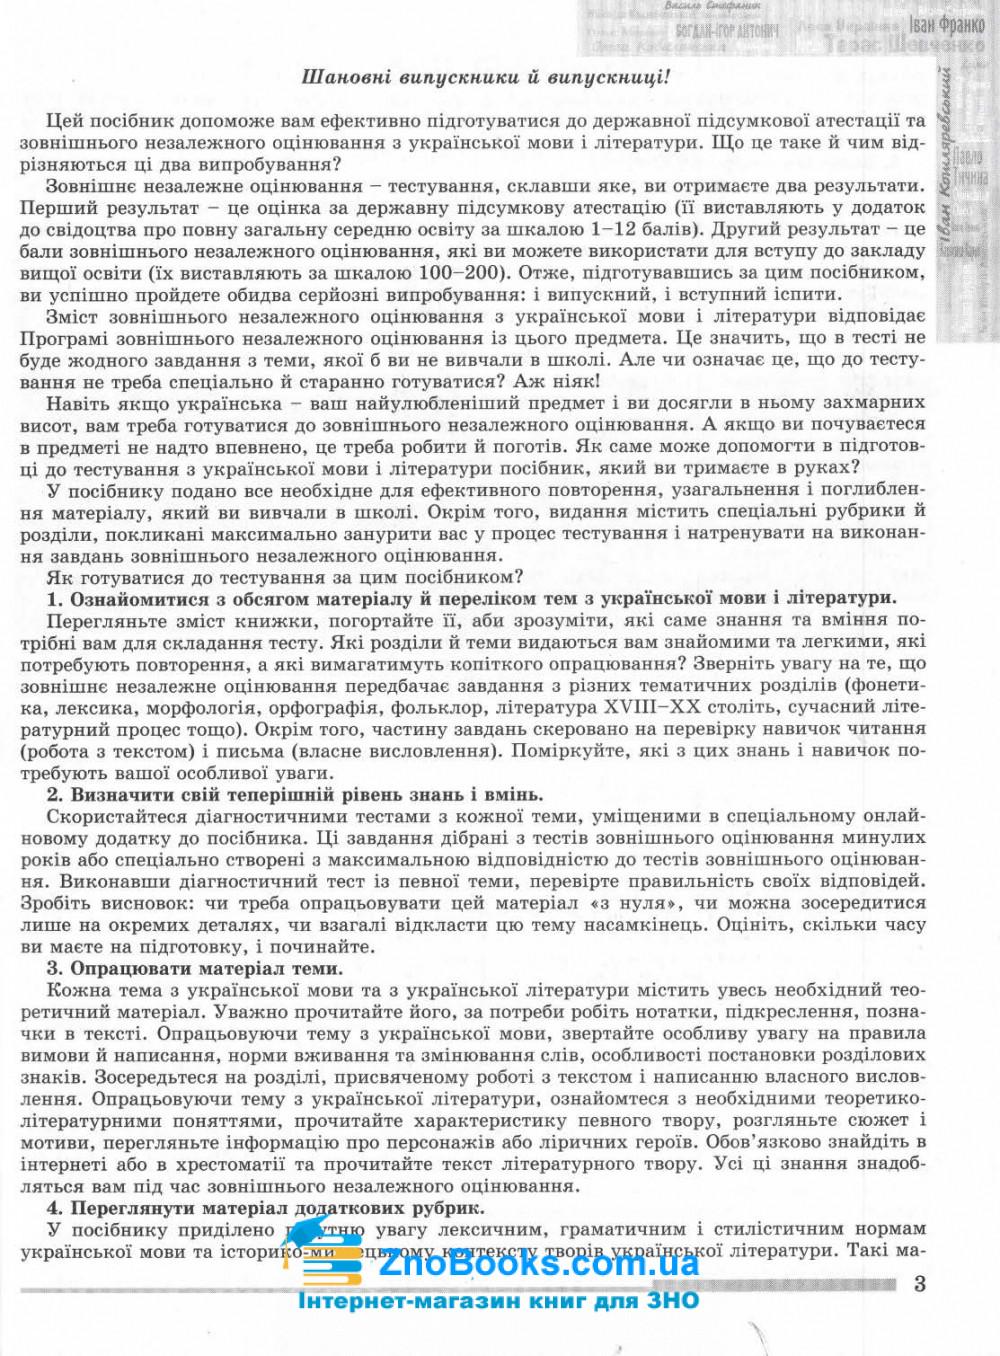 Українська мова і література ЗНО 2022. Комплексна підготовка : Терещенко В. та ін. Генеза. купити 2